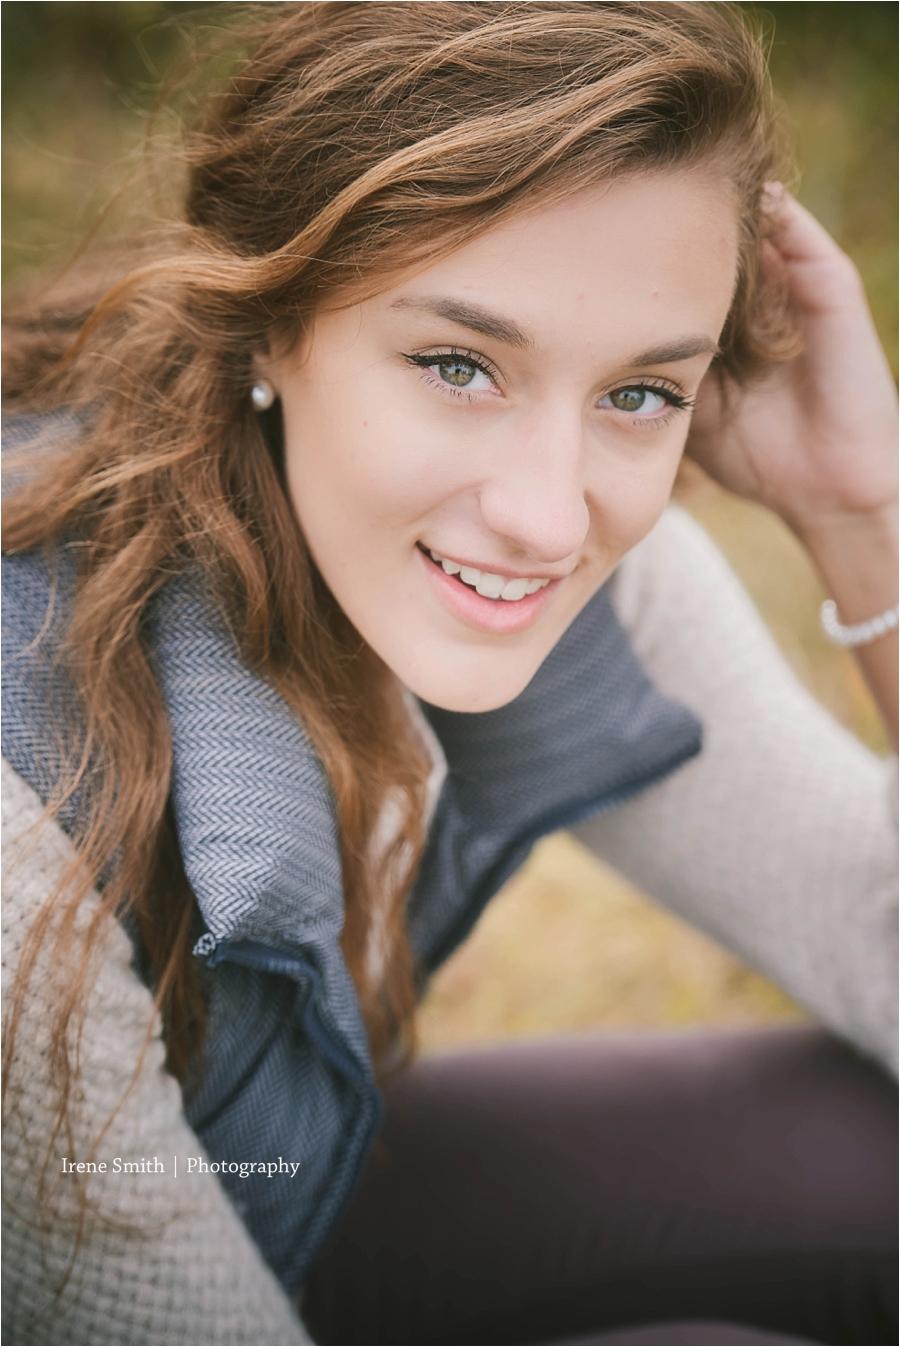 Senior-photography-Irene-Smith-Photography-Oil-City-Franklin-Pennsylvania_0006.jpg